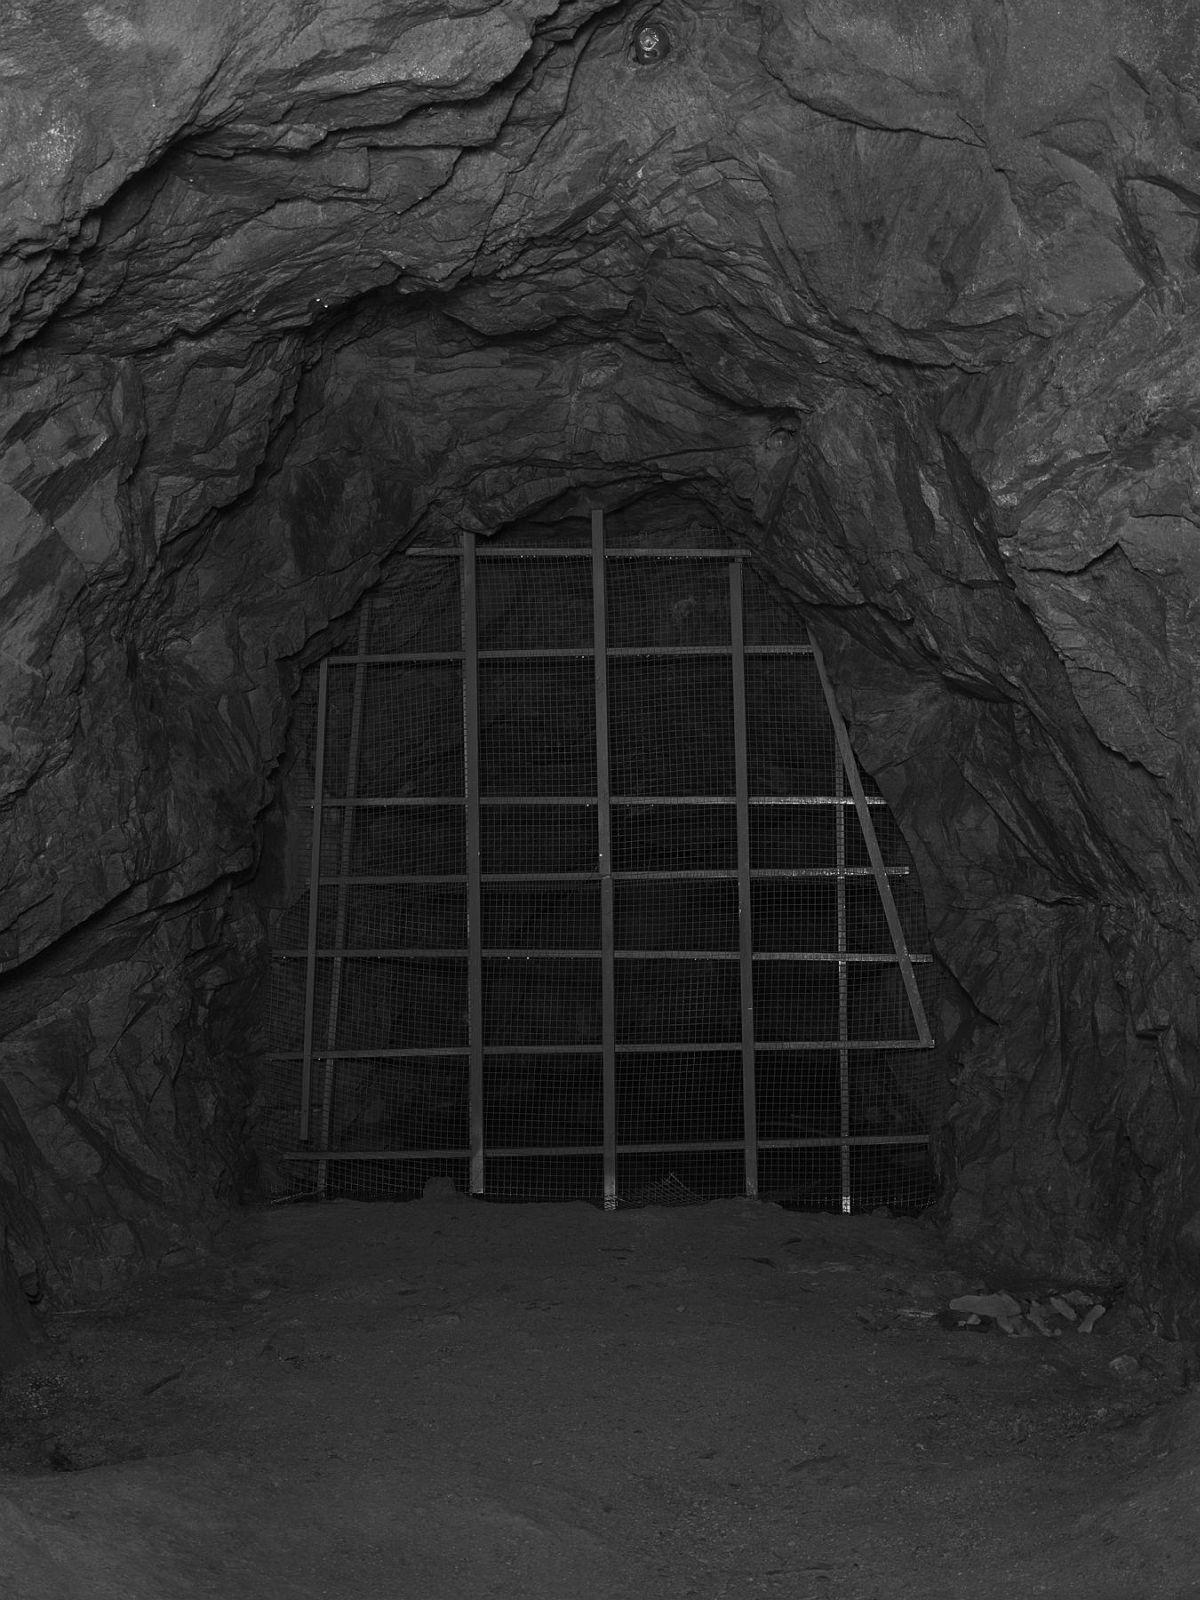 Taca Sui 塔可 Water Curtain Cave 水帘洞 2018 Platinum and palladium print 铂钯印相 100 x 75 cm (39 1/2 x 29 1/2 in)